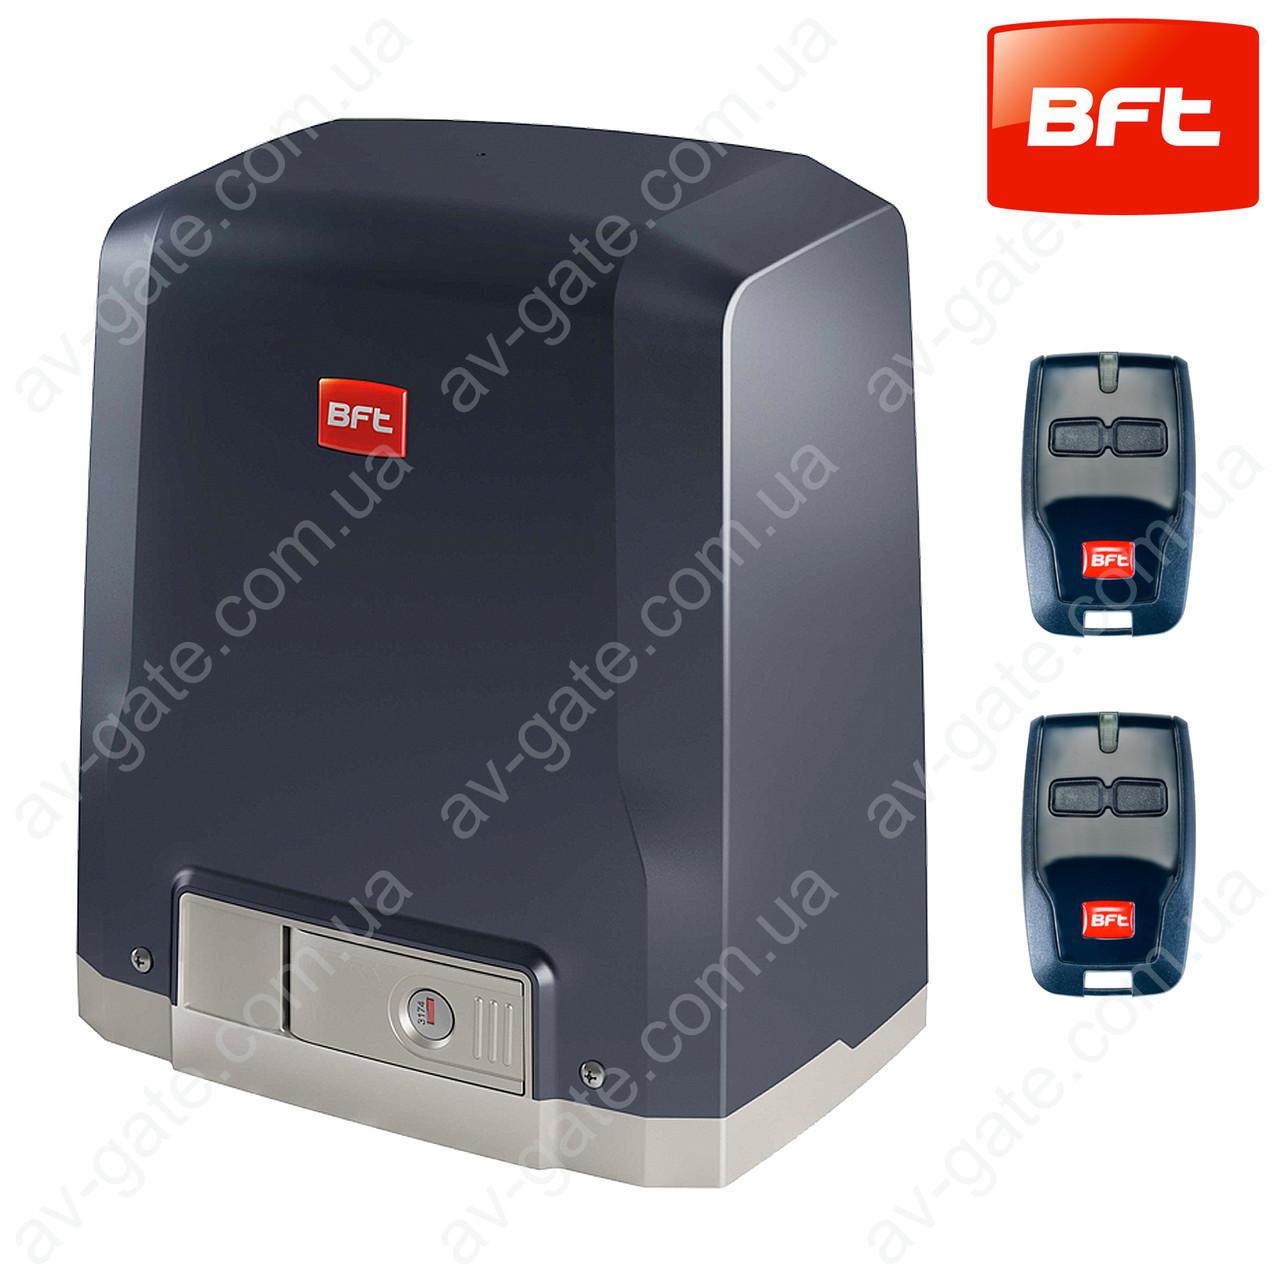 Комплект автоматики DEIMOS BT A600 KIT BFT для откатных ворот (масса до 600 кг)